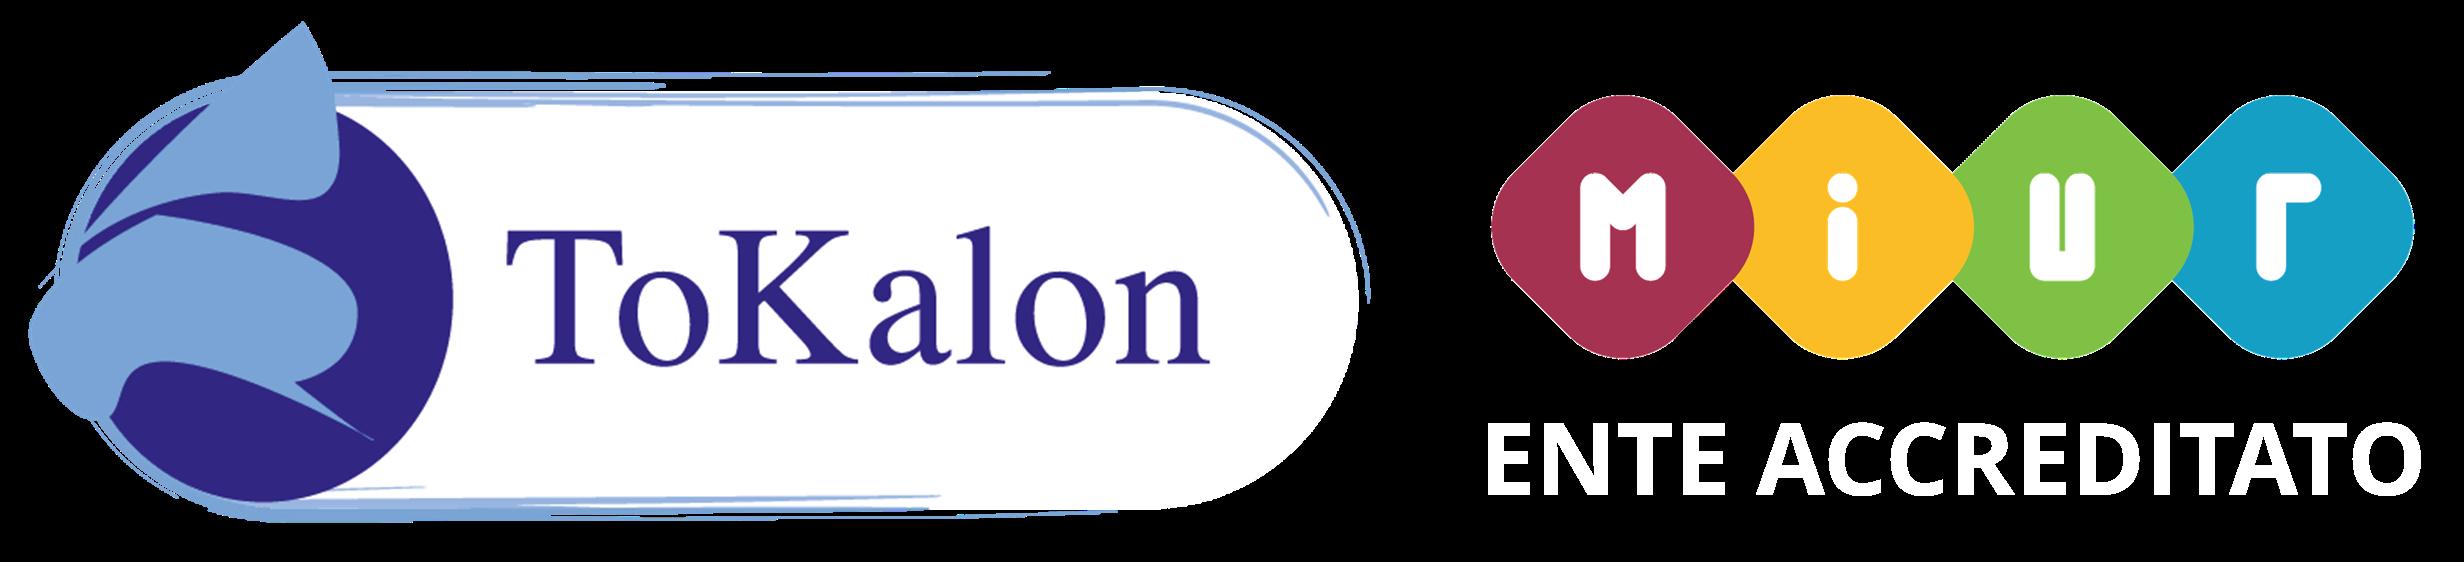 Associazione Tokalon